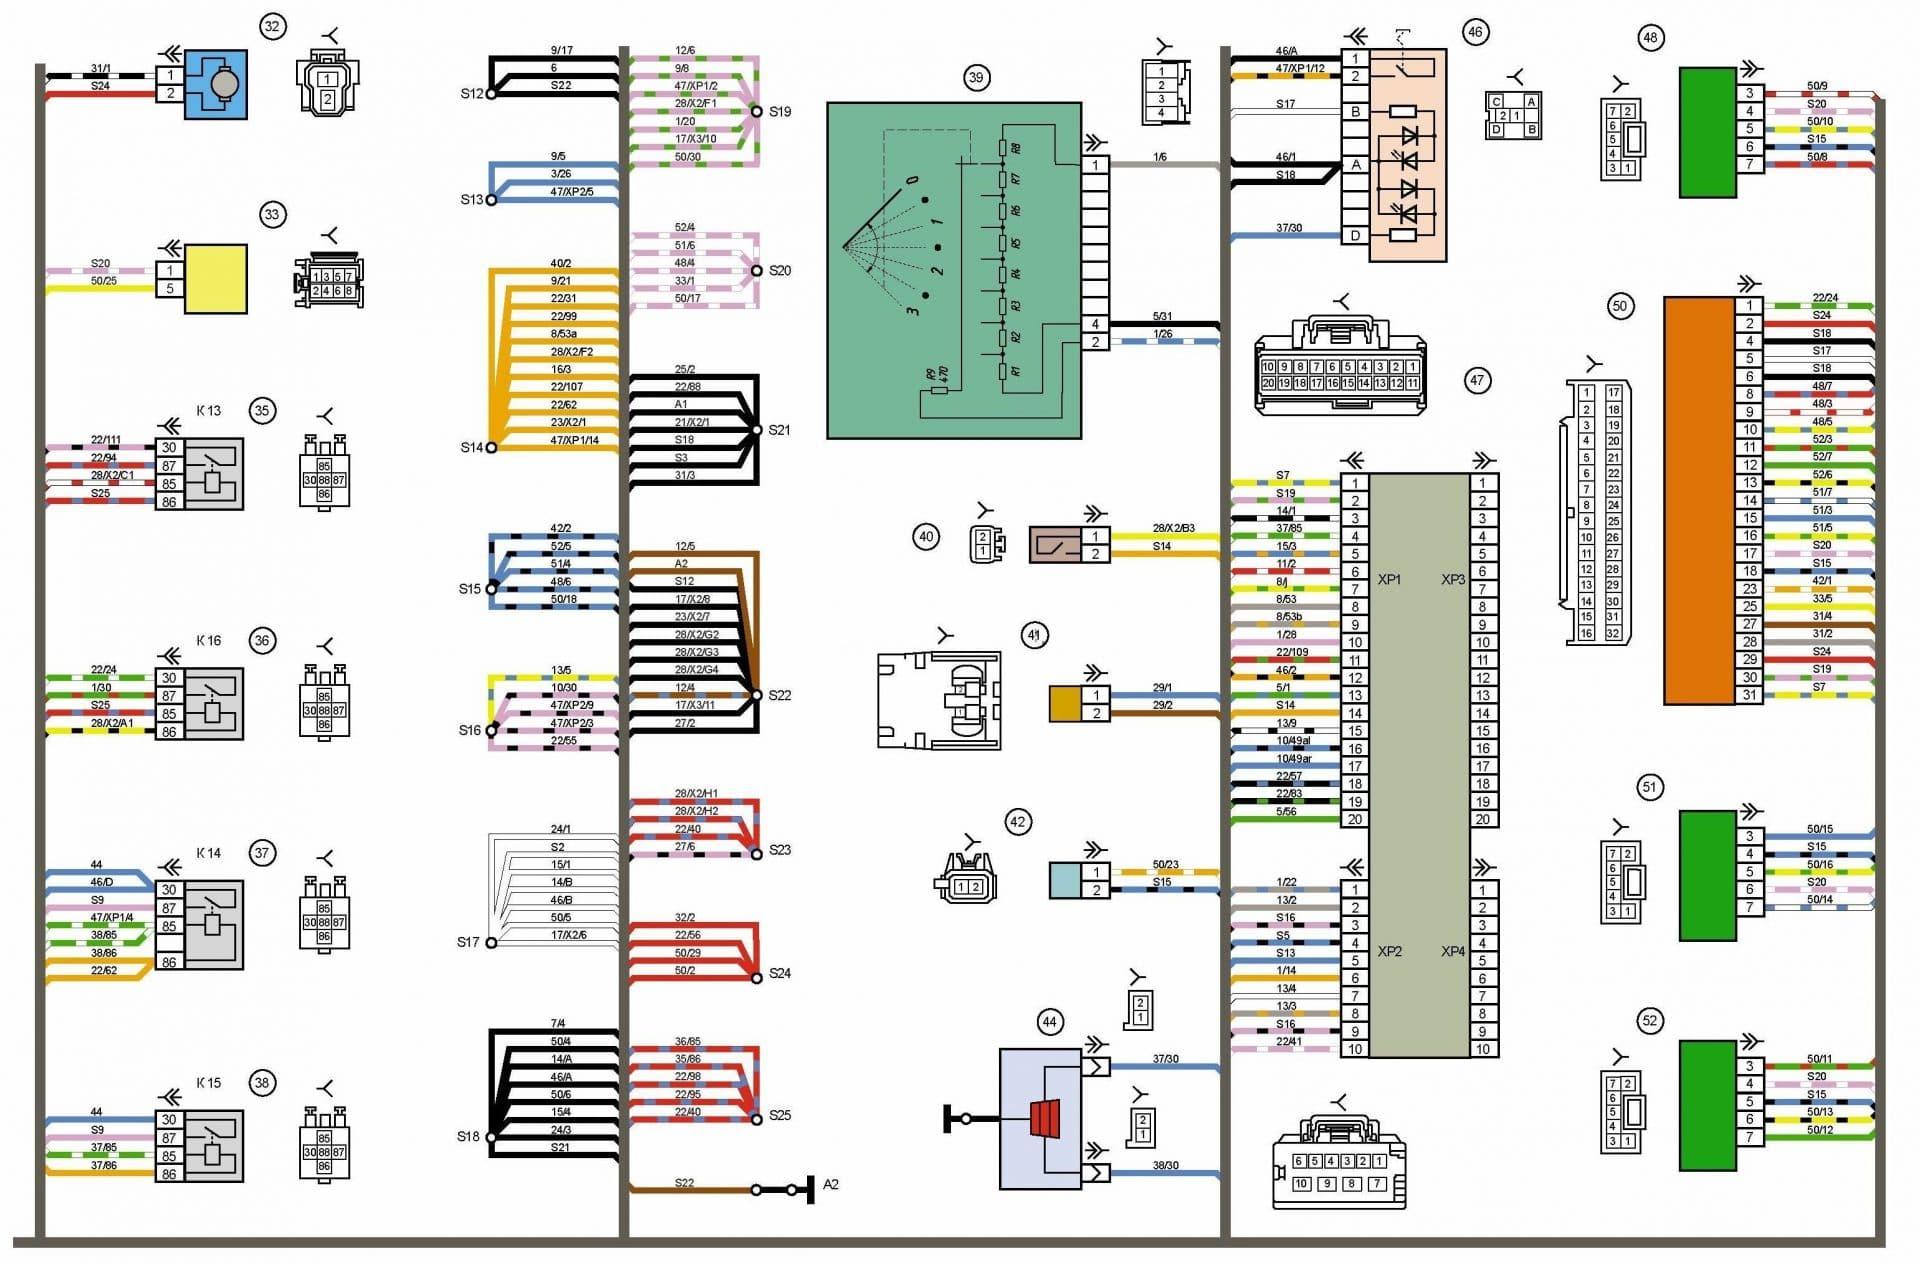 схема электропроводки на лада калина